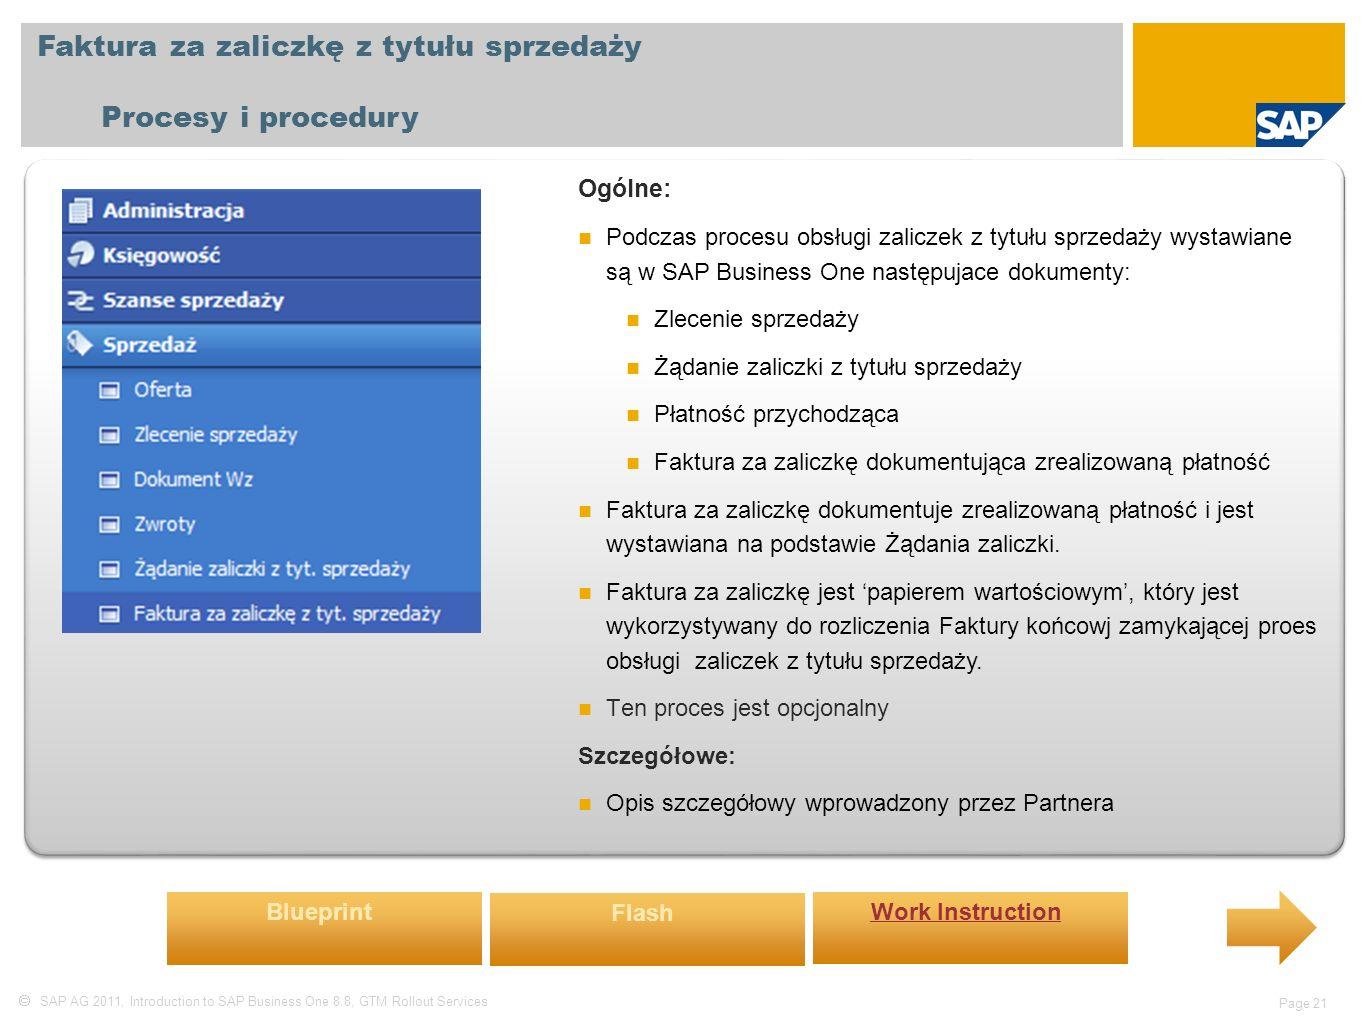  SAP AG 2011, Introduction to SAP Business One 8.8, GTM Rollout Services Page 21 Faktura za zaliczkę z tytułu sprzedaży Procesy i procedury Ogólne: P